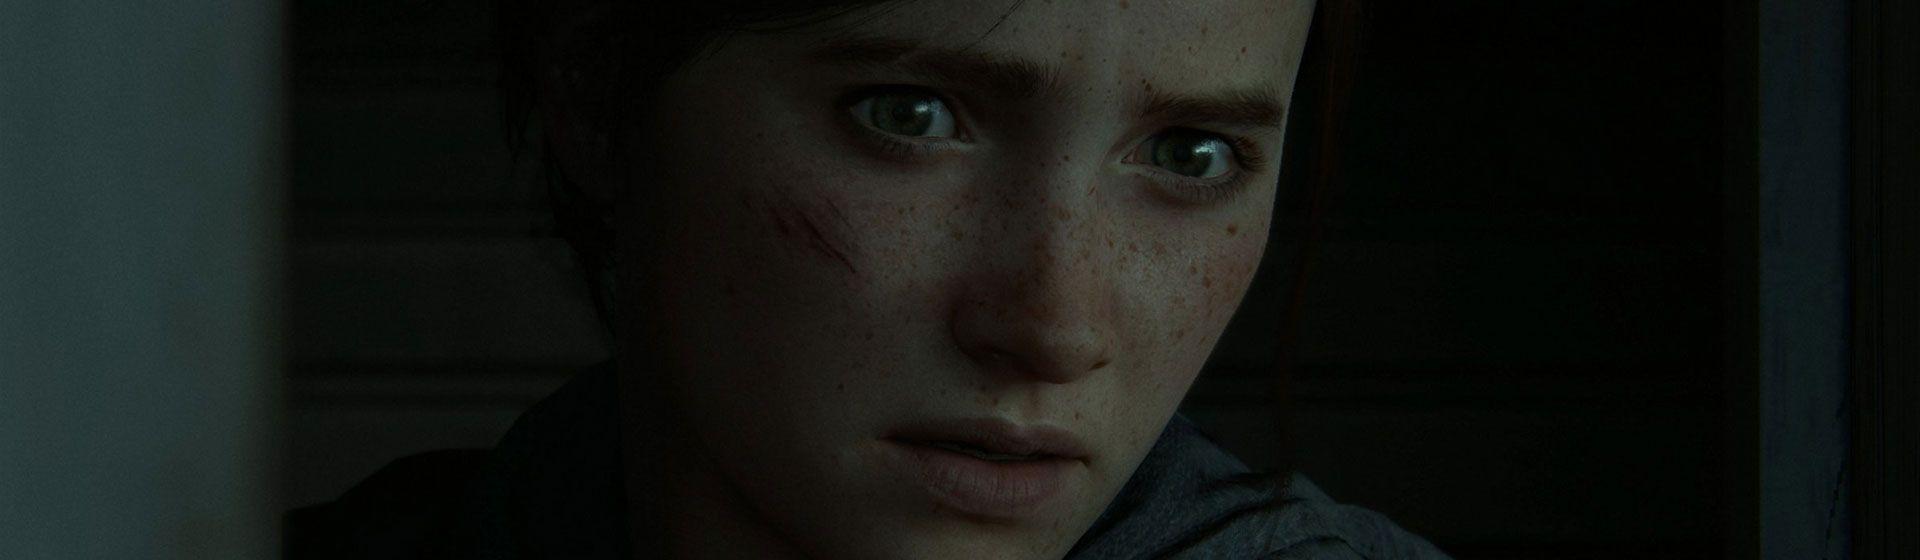 Patch de The Last of Us 2 com 60 FPS e melhorias chega para PS5